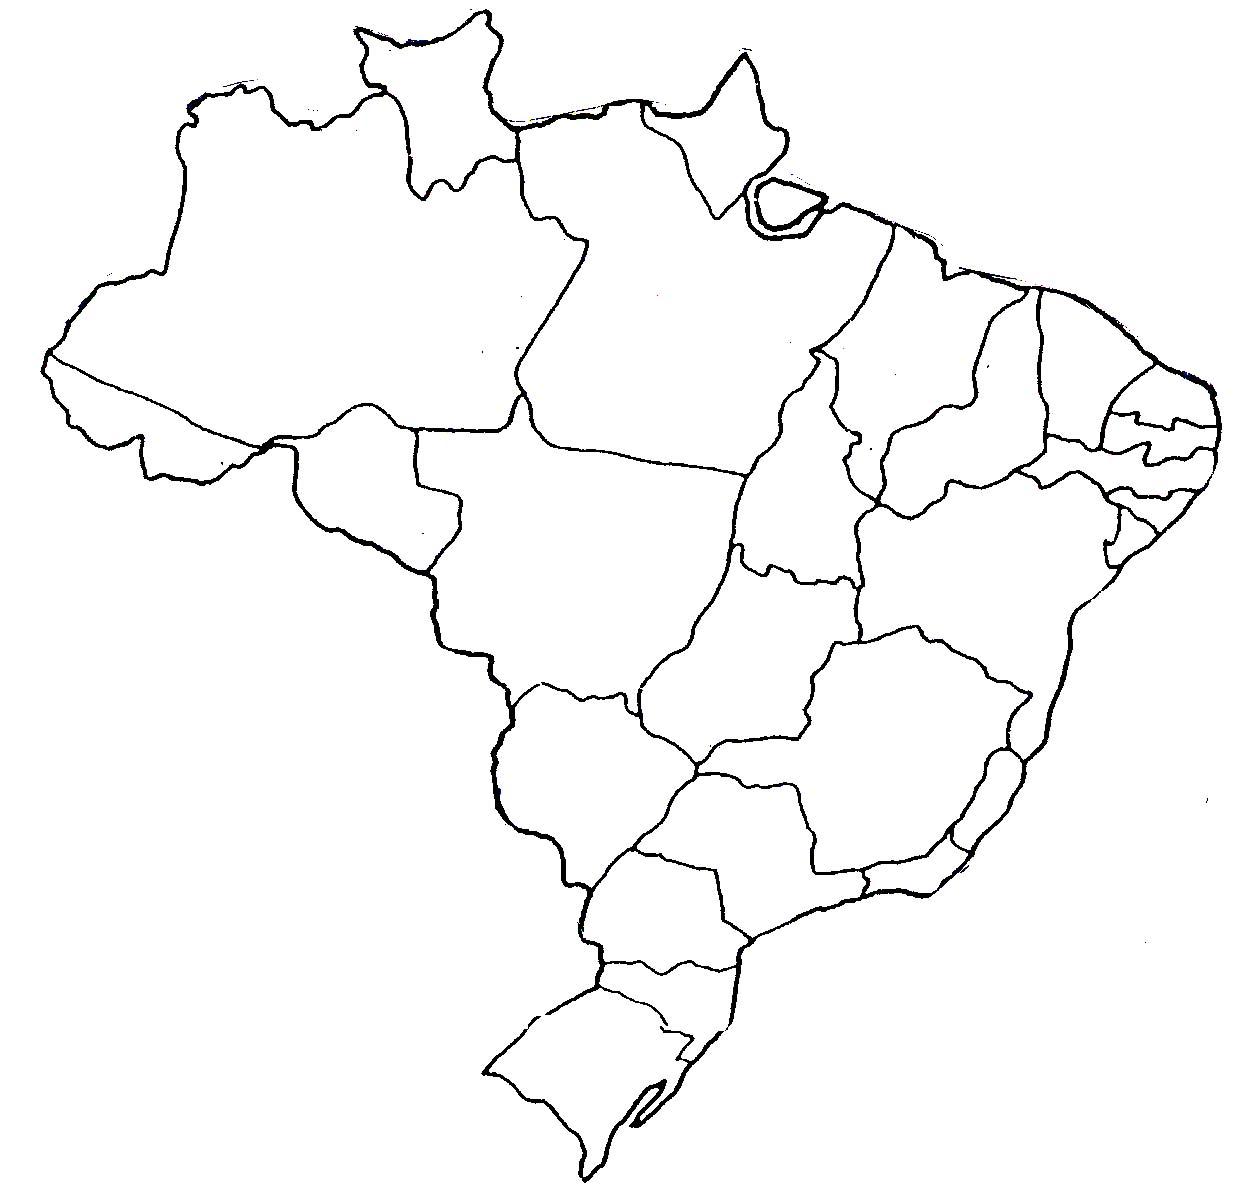 Educar X: Mapas Político do Brasil para pintar e colorir